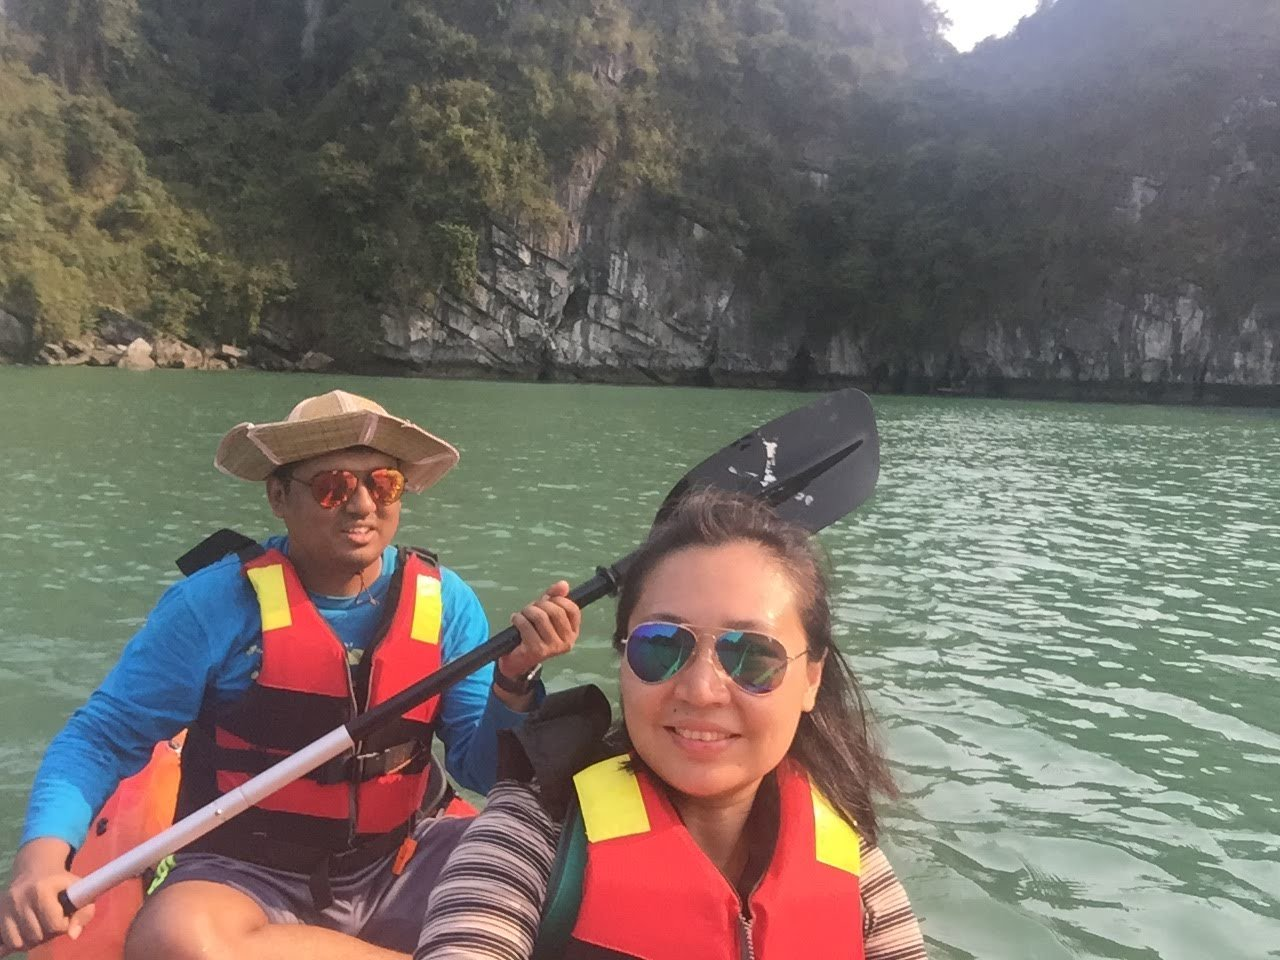 Kayaking   Photo taken by Seng Aung S